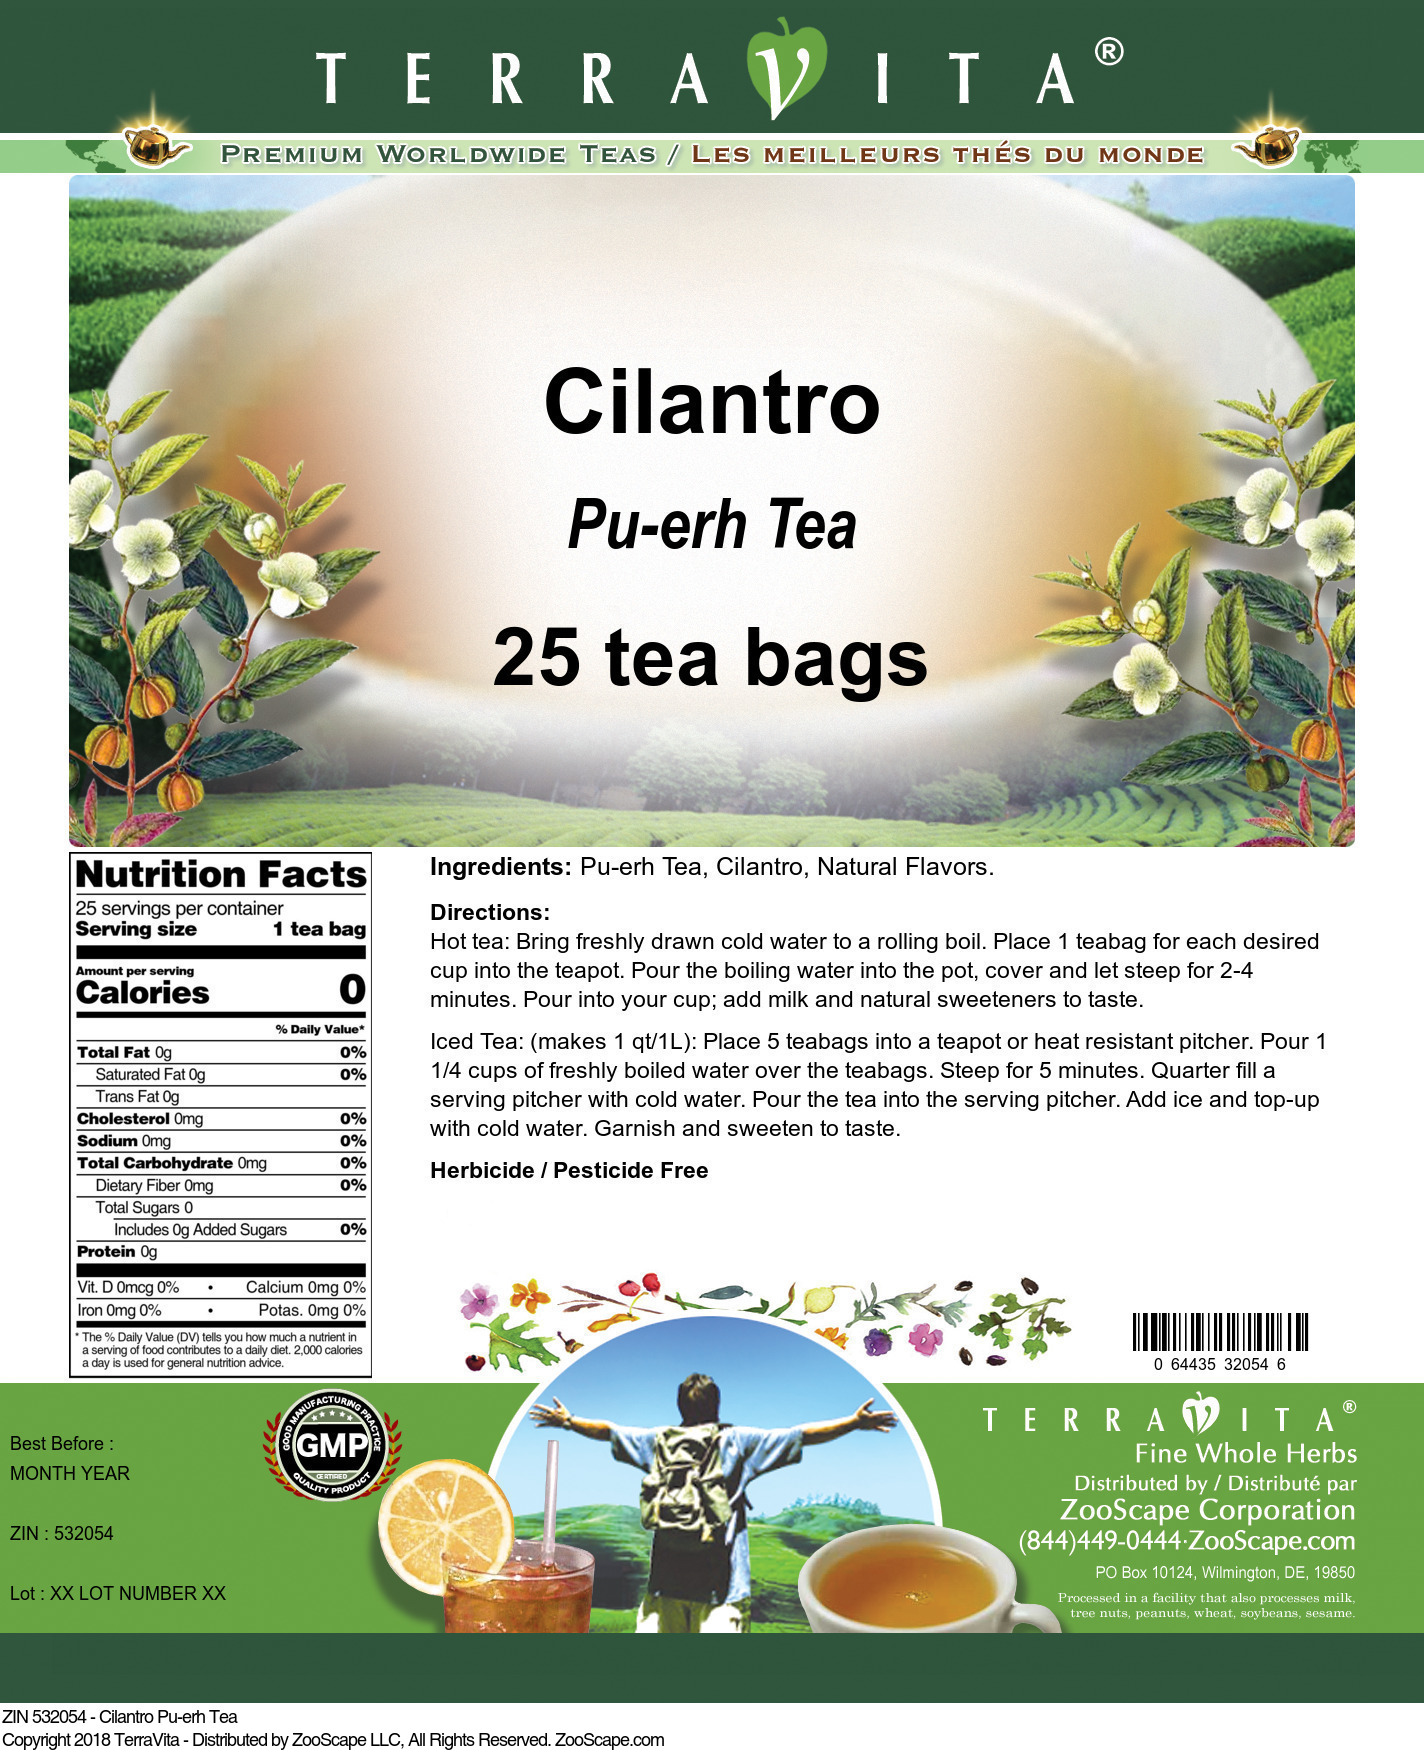 Cilantro Pu-erh Tea